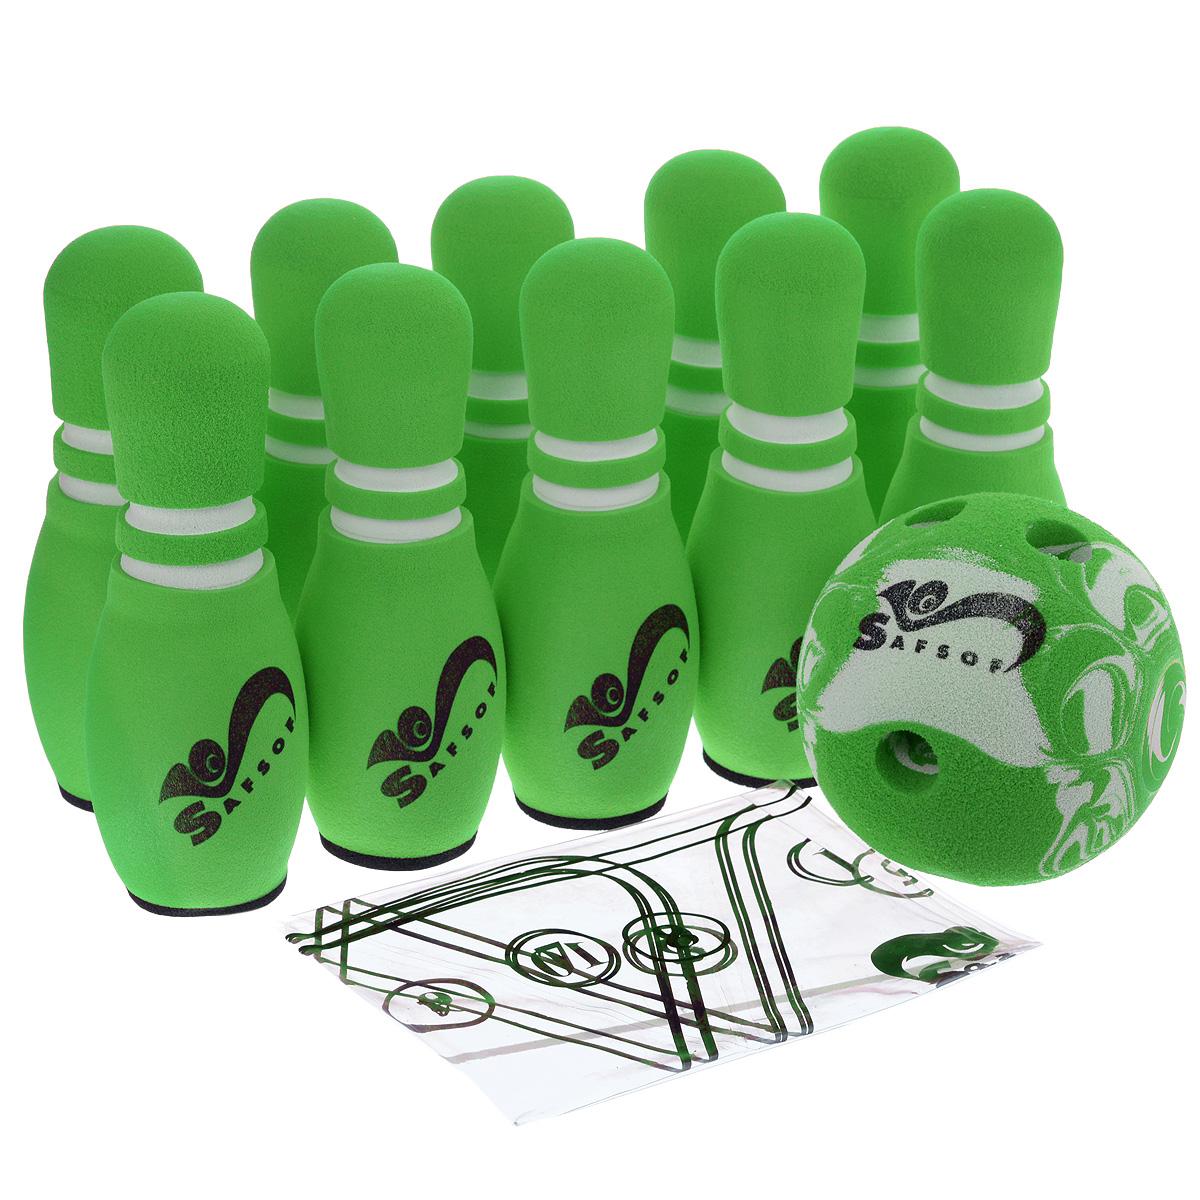 Игровой набор Safsof Боулинг, цвет: белый, зеленый, диаметр шара 12 смJBB-01-1(B)зеленыйИгровой набор Safsof Боулинг, изготовленный из вспененной резины, состоит из десяти кеглей и одного шара. Он безопасен и мягок, это обеспечивает безопасность ребенку. Суть игры в боулинг - сбить шаром максимальное количество кеглей. Число игроков и количество туров - произвольное. Очки, набранные с каждым броском мяча, рассматриваются как количество сбитых кегель. Расстояние, с которого совершается бросок, определяется игроками. Каждый игрок имеет право на два броска в одной рамке (рамка - треугольник, на поле которого выстраиваются кегли перед каждым первым броском очередного игрока). Бросок, при котором все кегли сбиты, называется страйк и обозначается как Х. Если все кегли сбиты первым броском, второй бросок не требуется: рамка считается закрытой. Призовые очки за страйк - это сумма кеглей, сбитых игроком следующими двумя бросками. Выигрывает тот игрок, который в сумме набирает больше очков. Диаметр шара: 12 см. Высота кегель: 21 см.